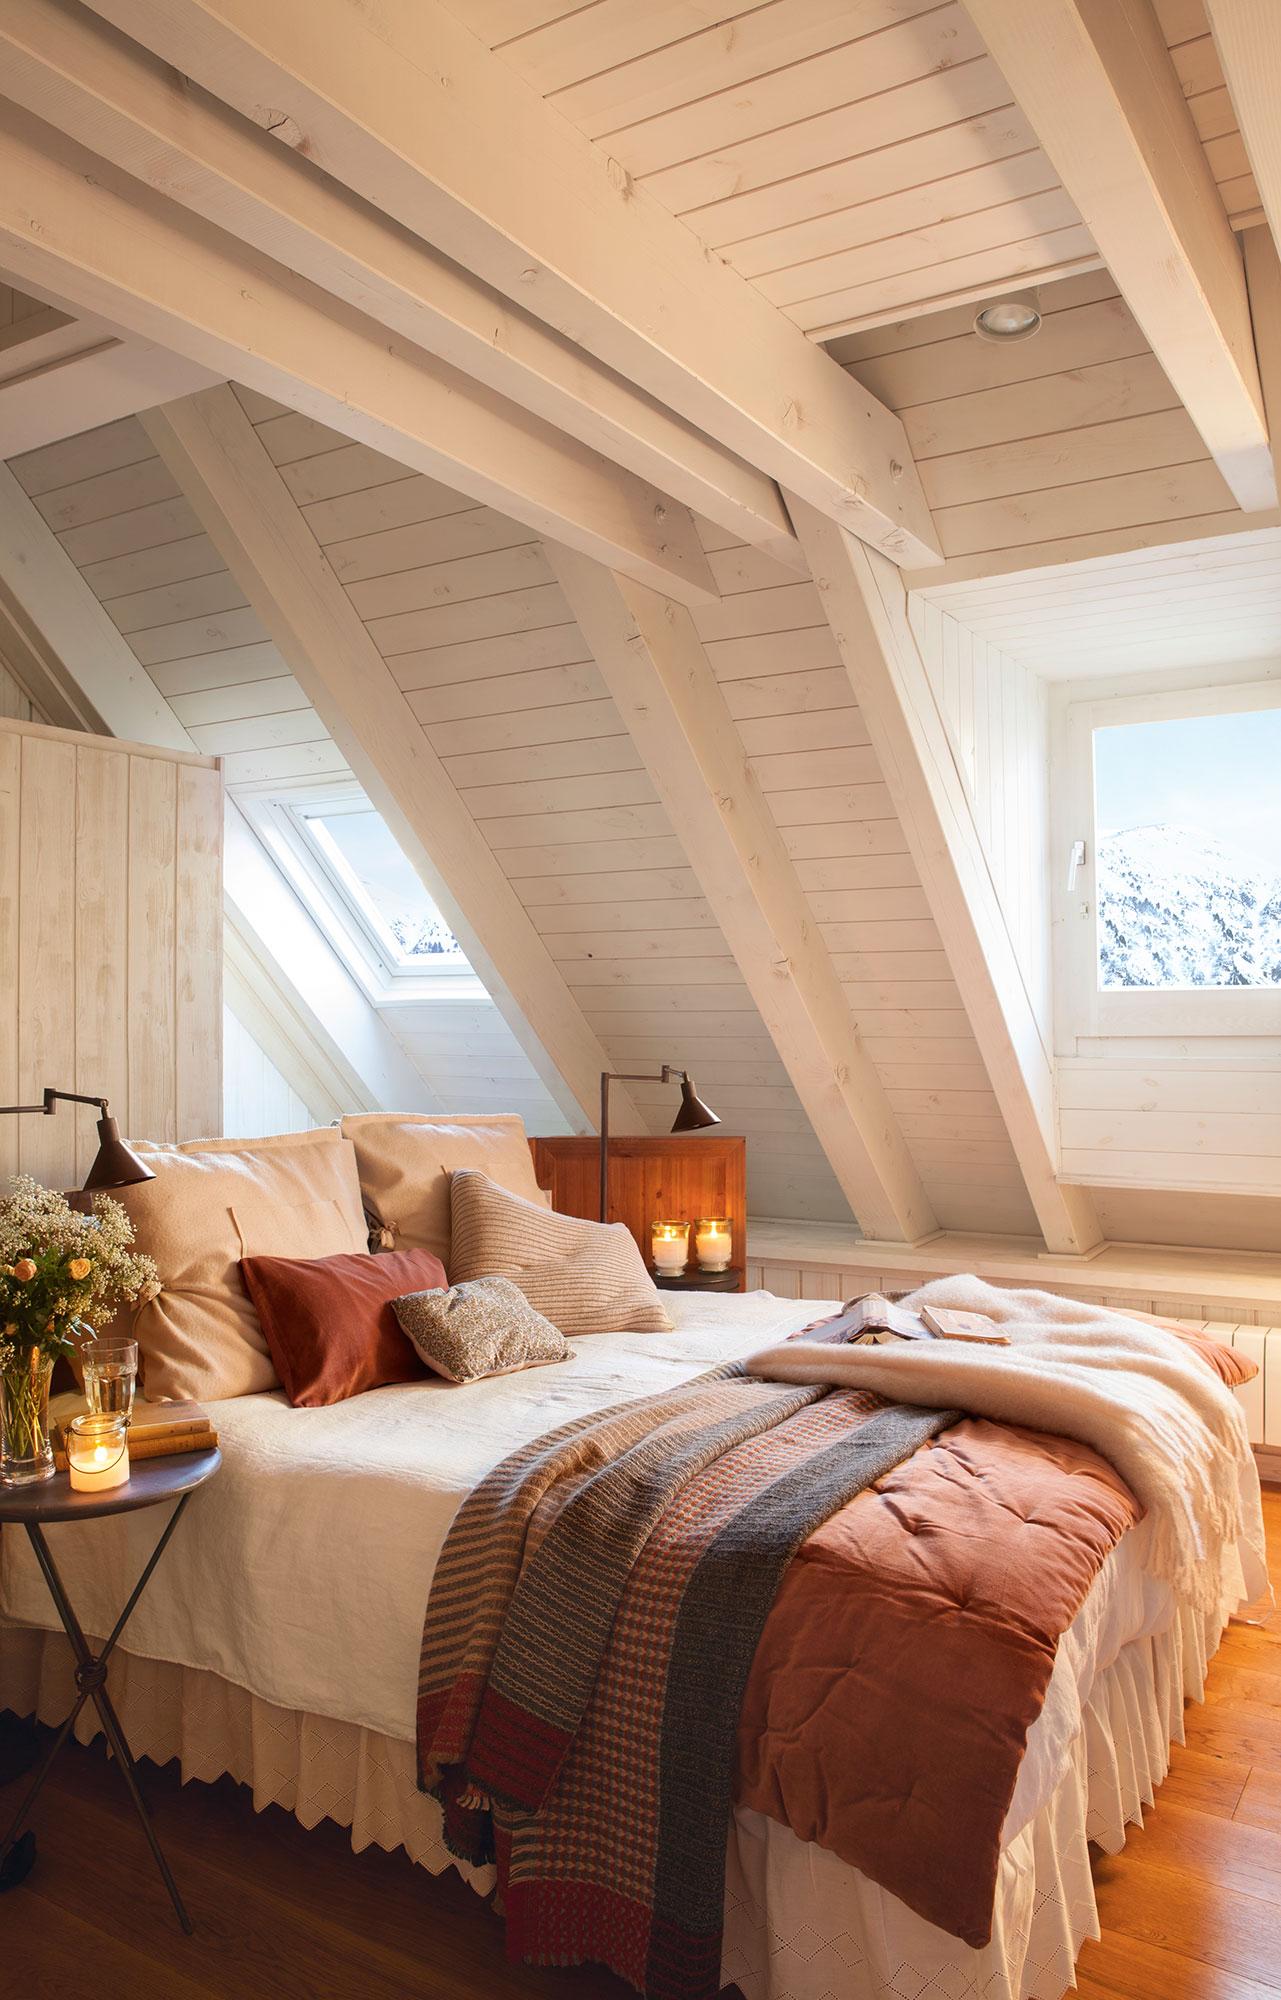 15 dormitorios rsticos decorativos y con buenas ideas